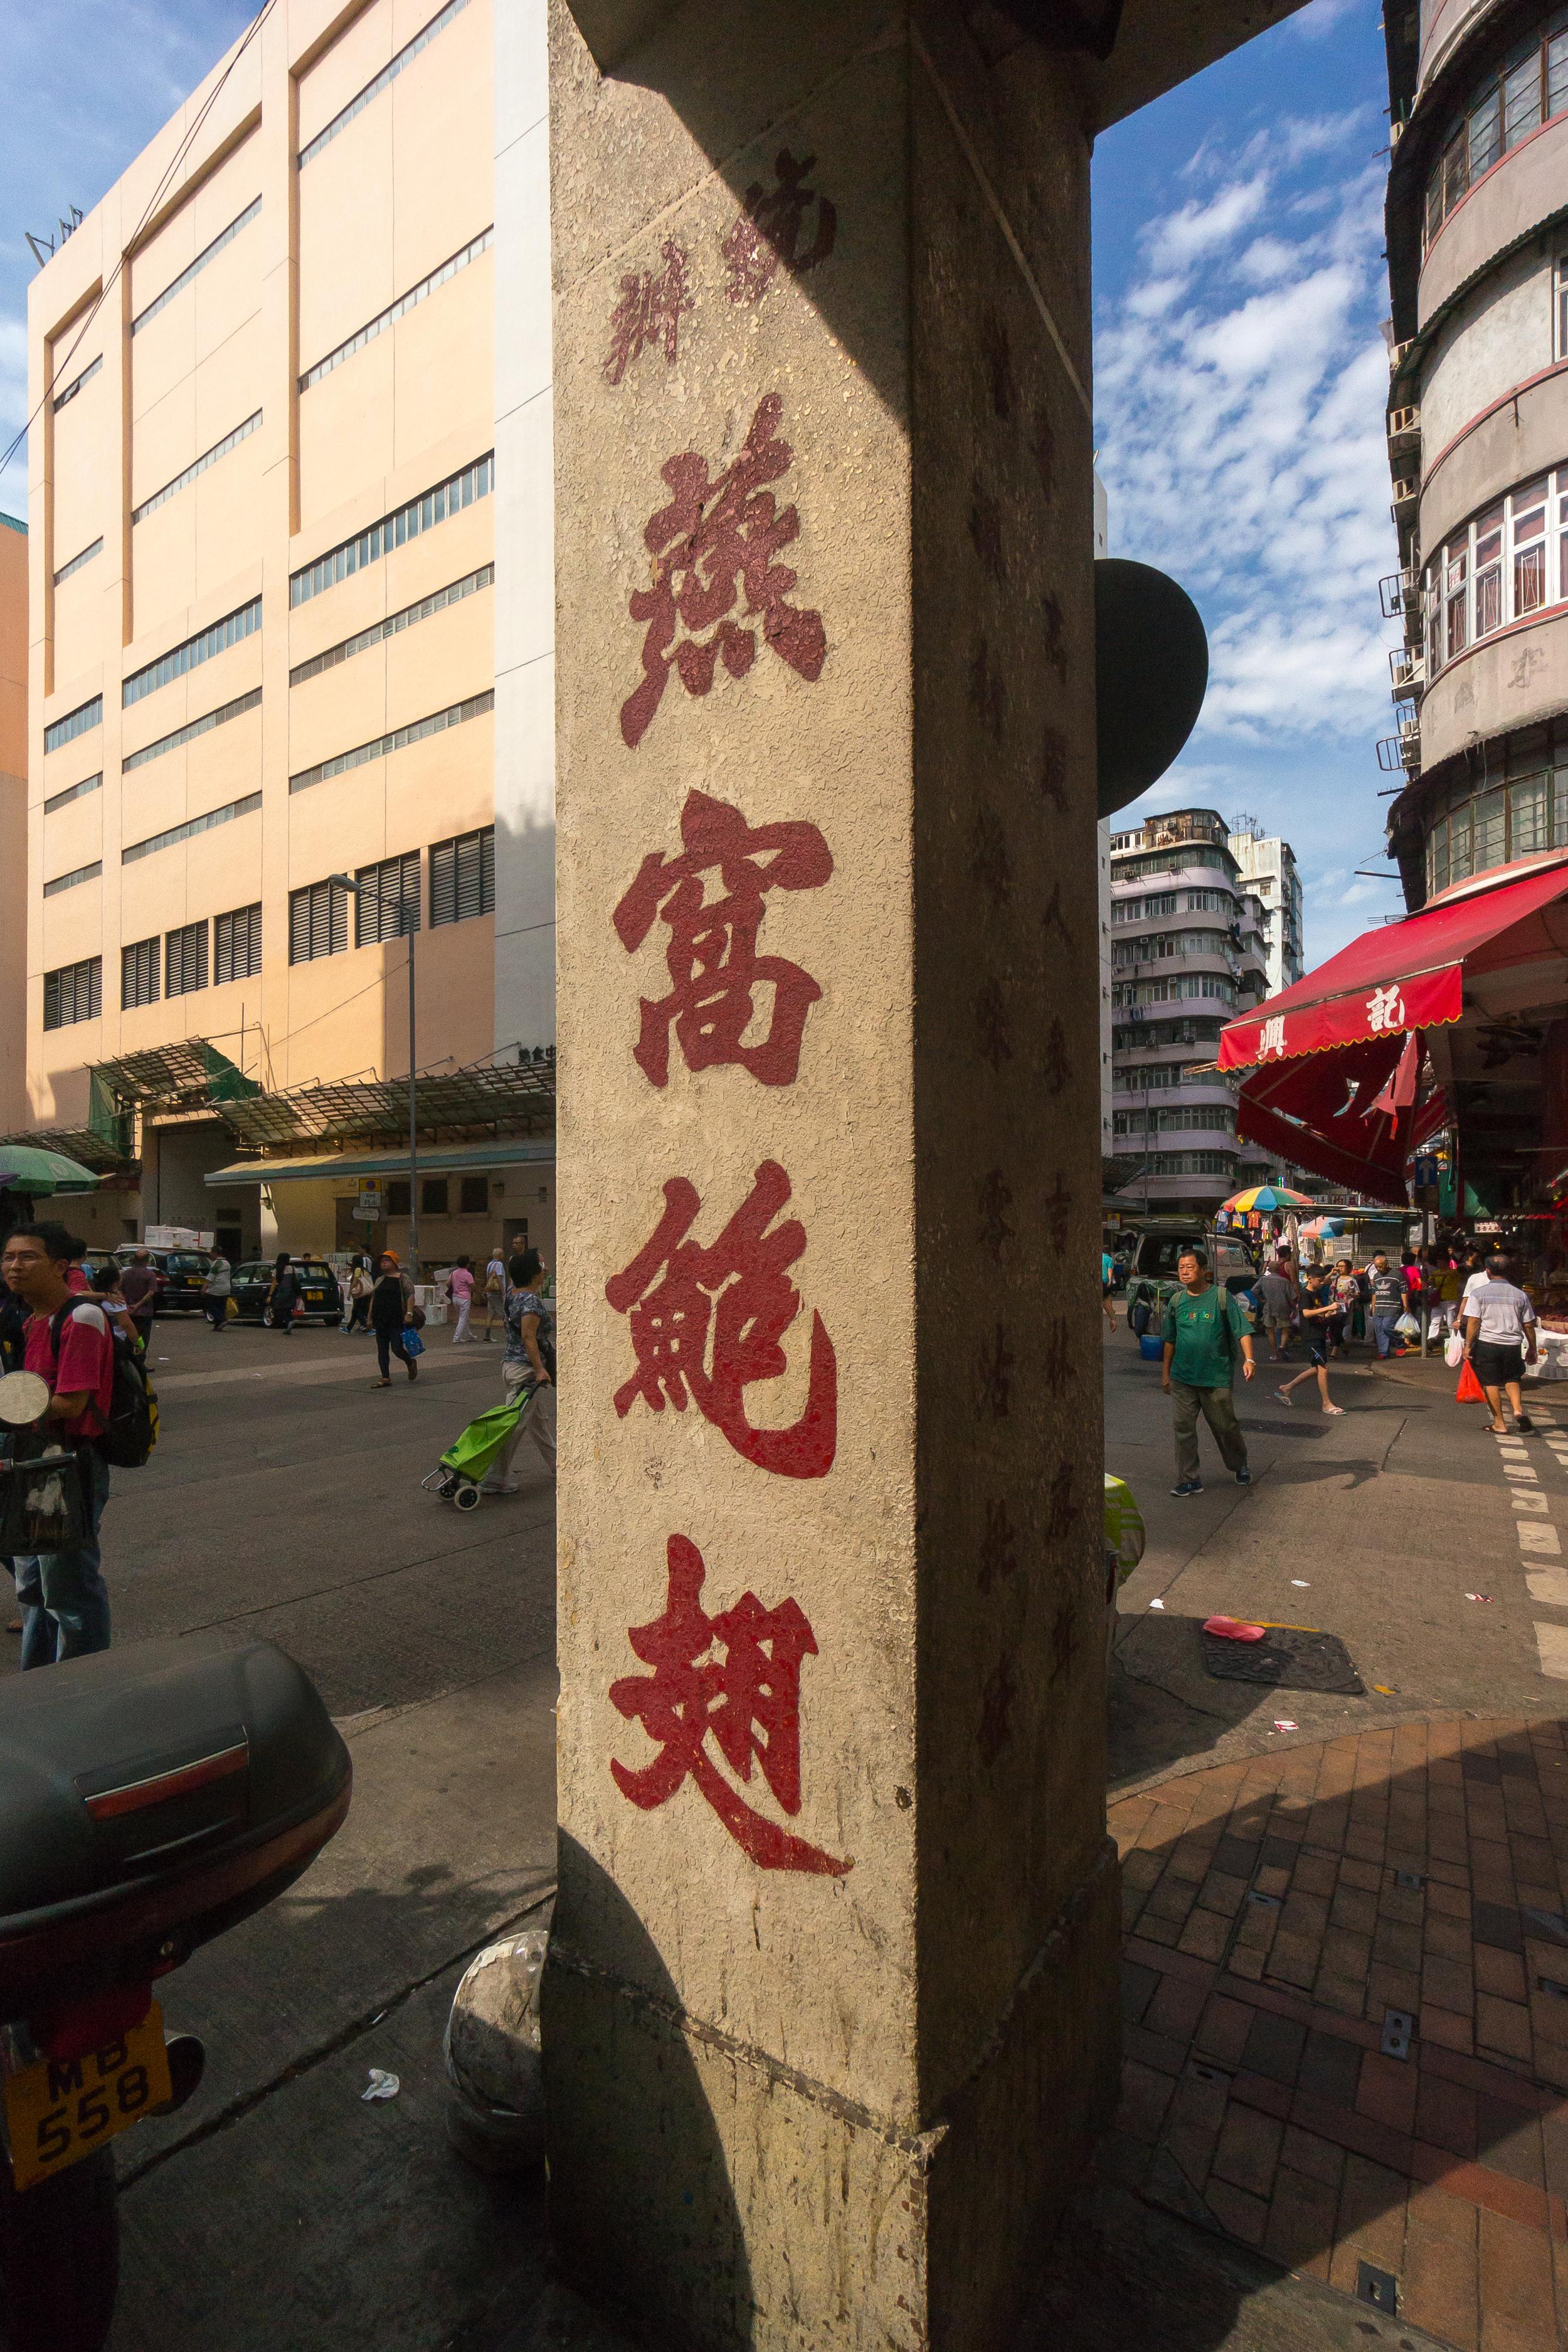 58 Pei Ho Street, Sham Shui Po, Hong Kong (1920's)